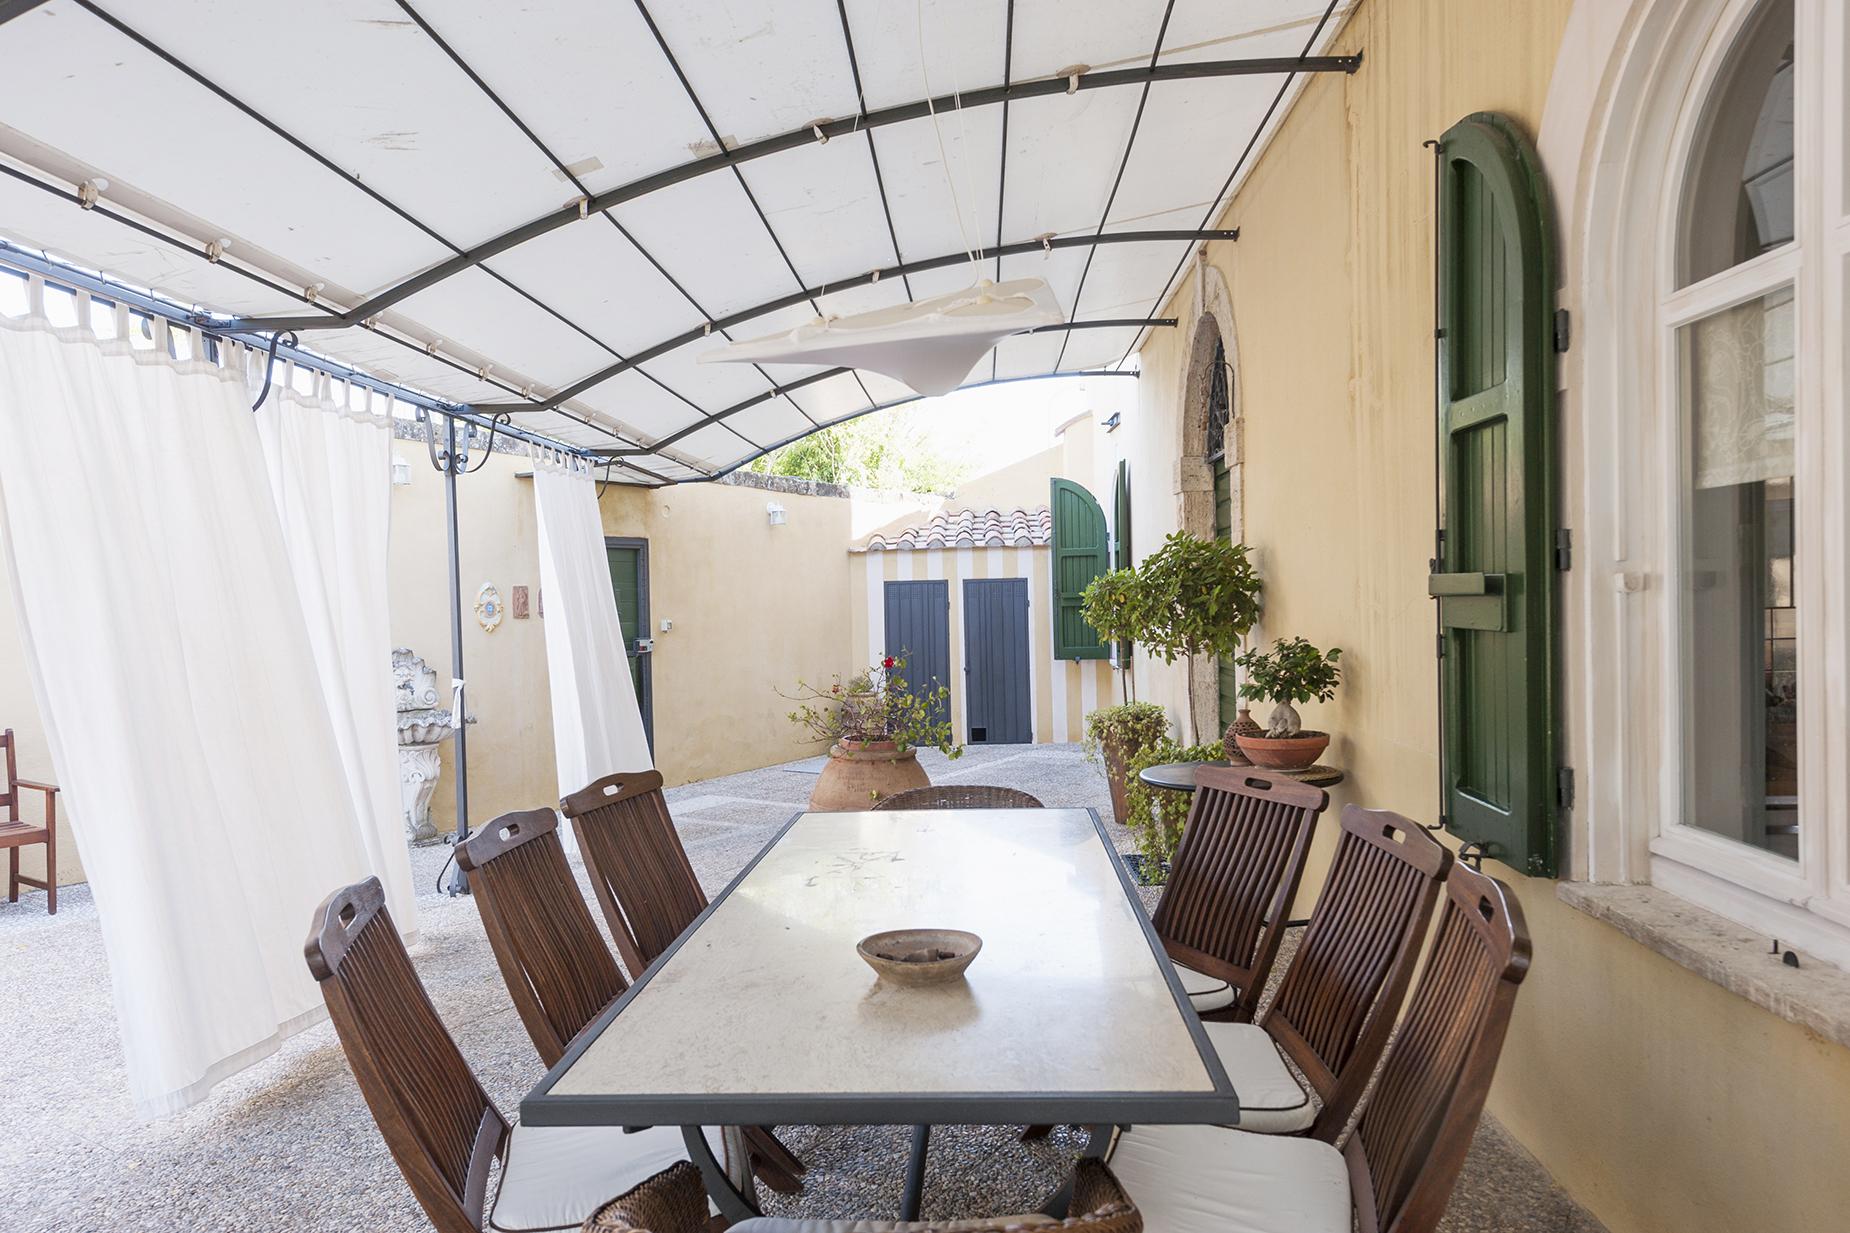 Casa indipendente in Vendita a Sorano: 5 locali, 230 mq - Foto 16